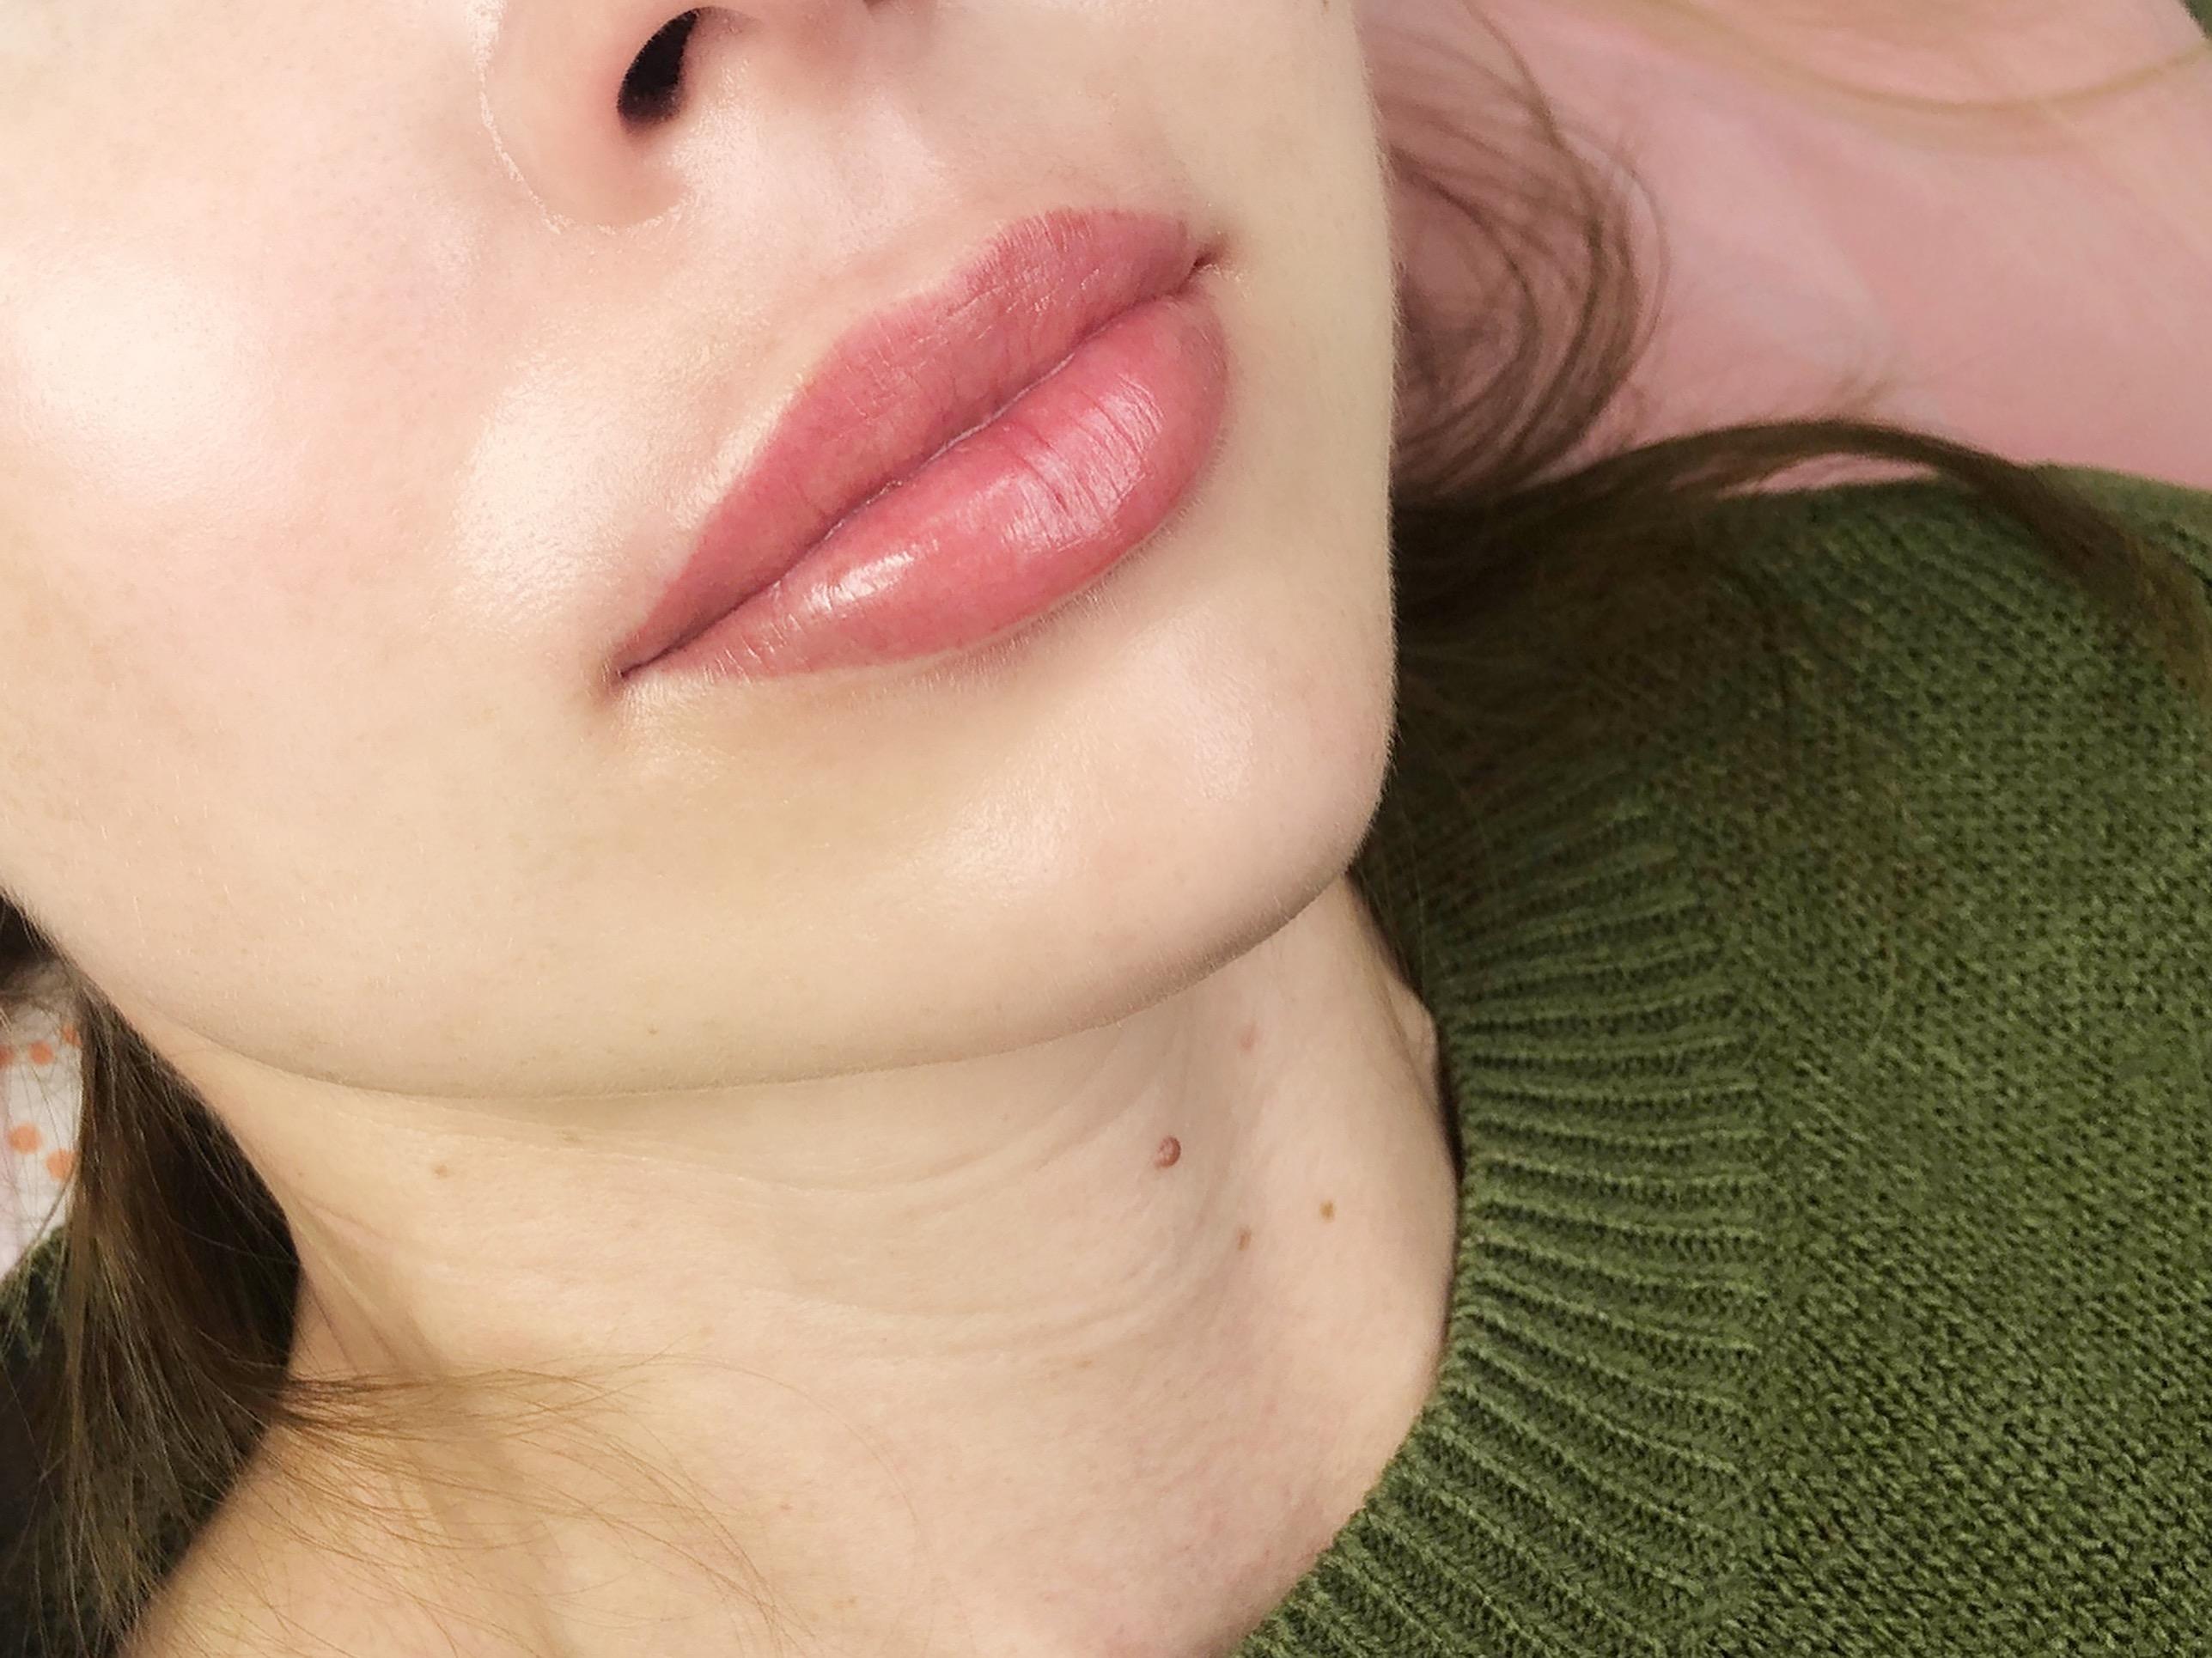 Перманентный макияж губ - его особенности преимущества и недостатки